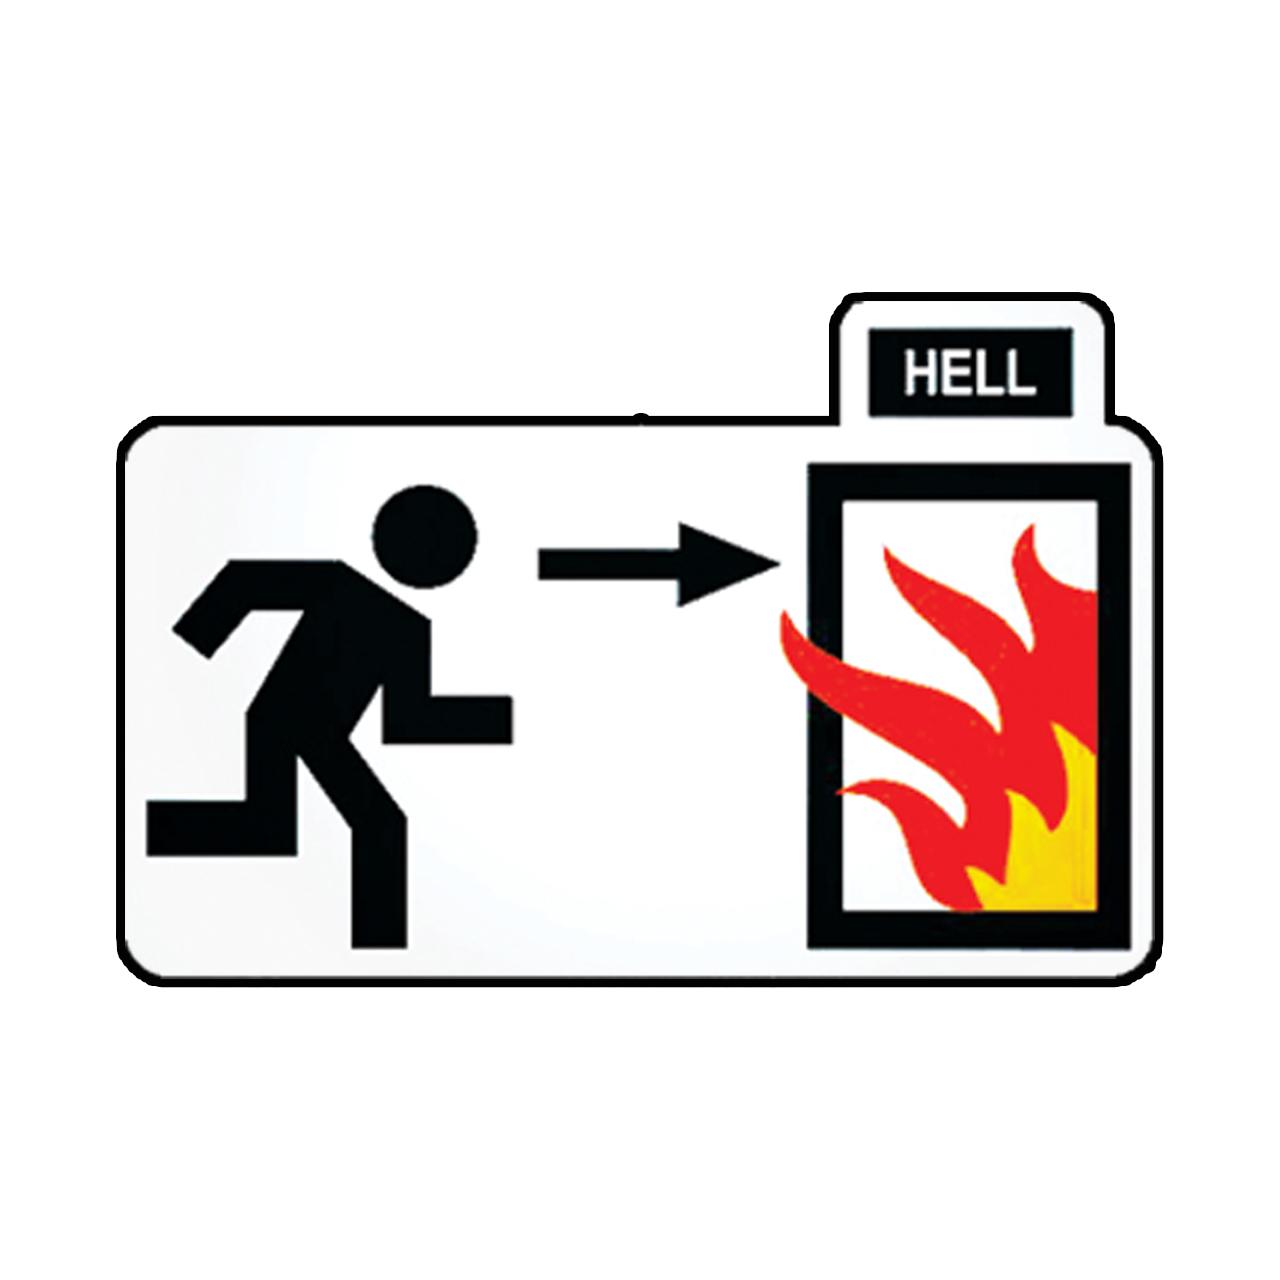 استیکر طرح Hell